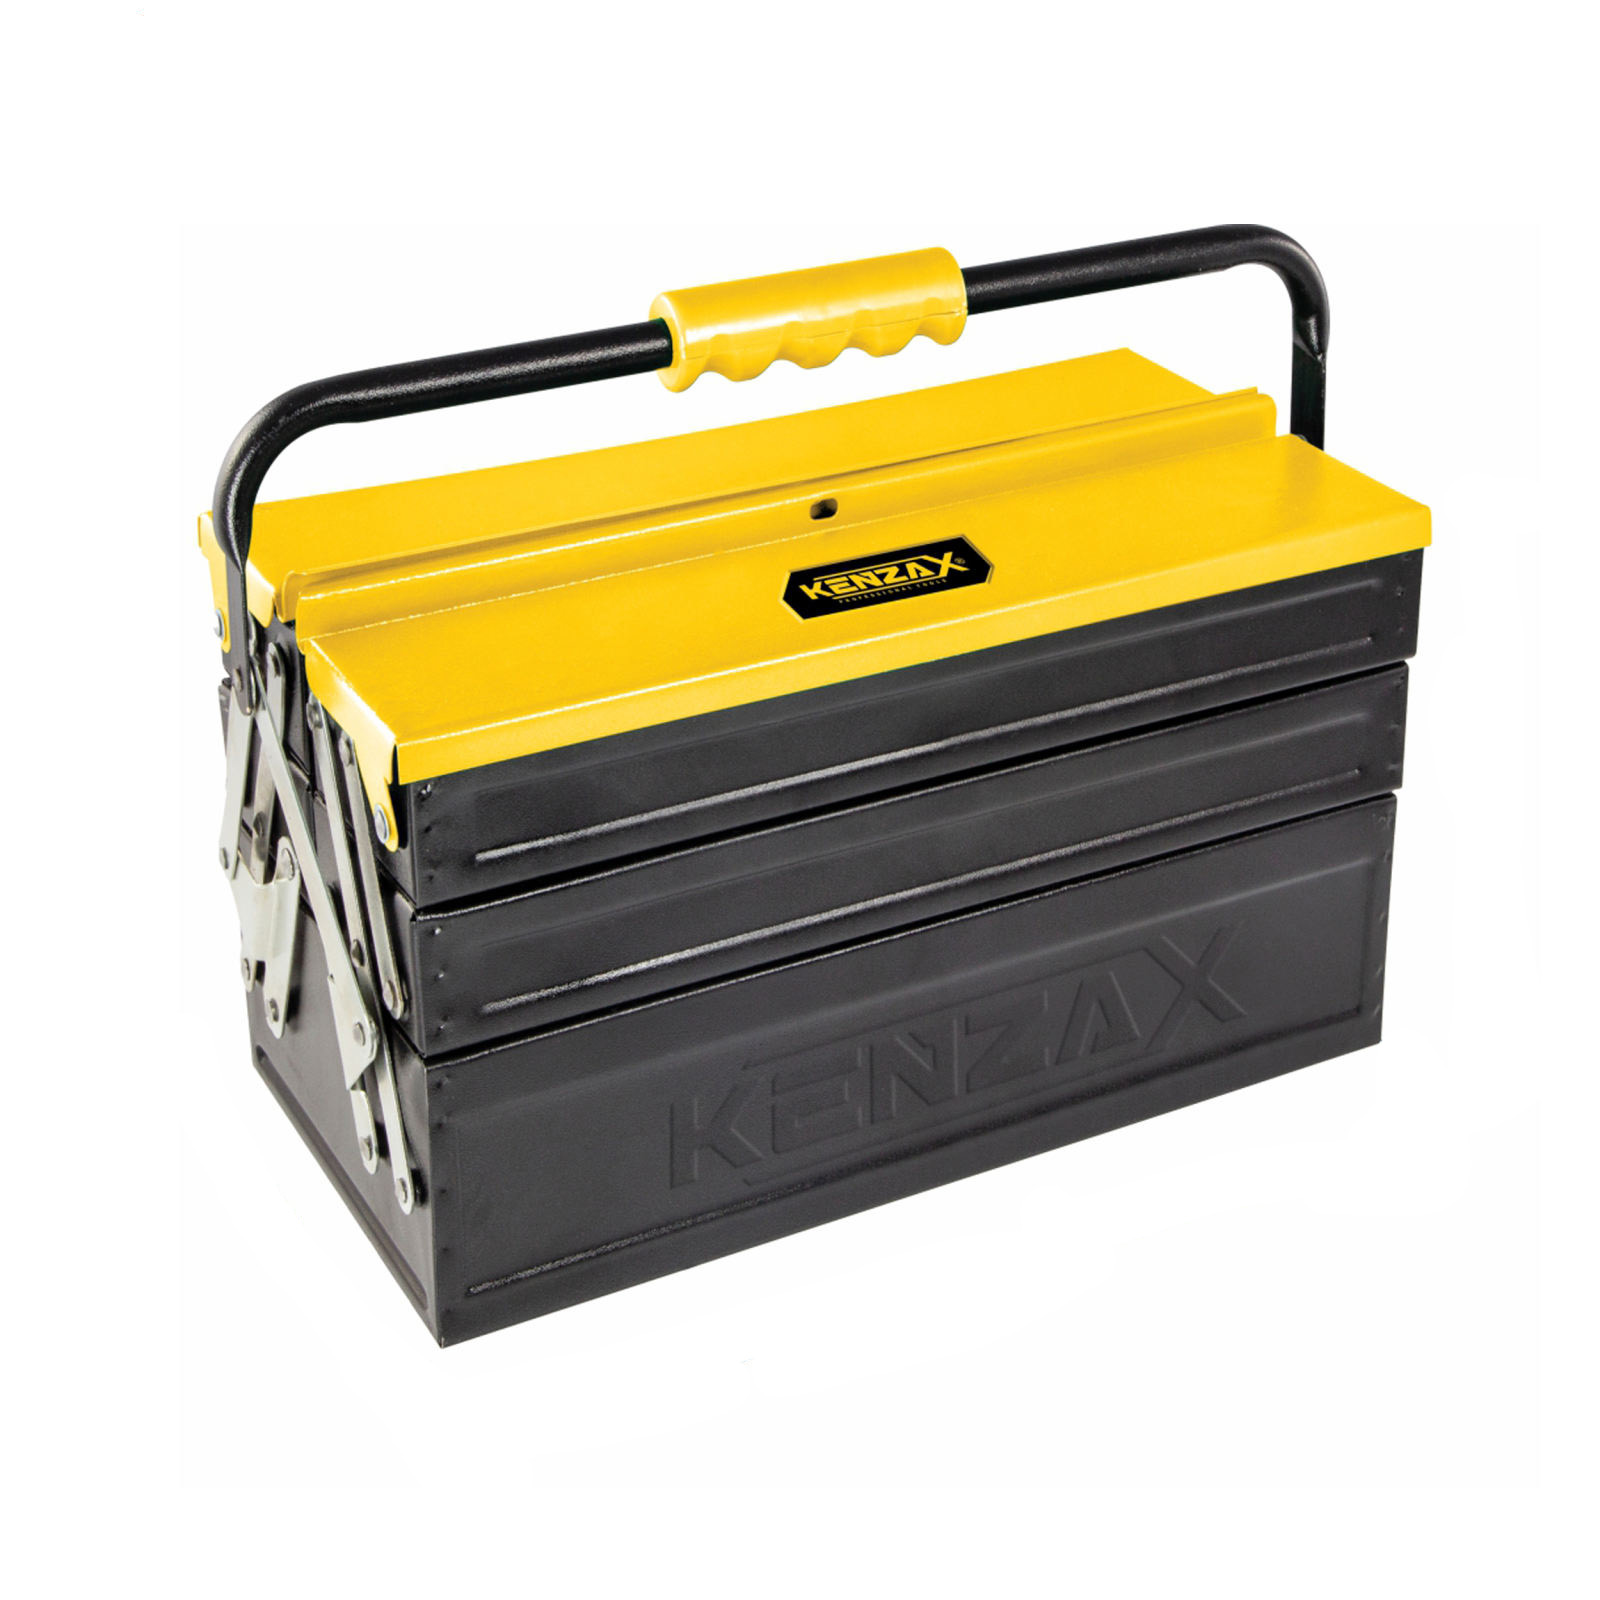 جعبه ابزار فلزی 3 طبقه 30 سانت کنزاکس مدل KBT-1303